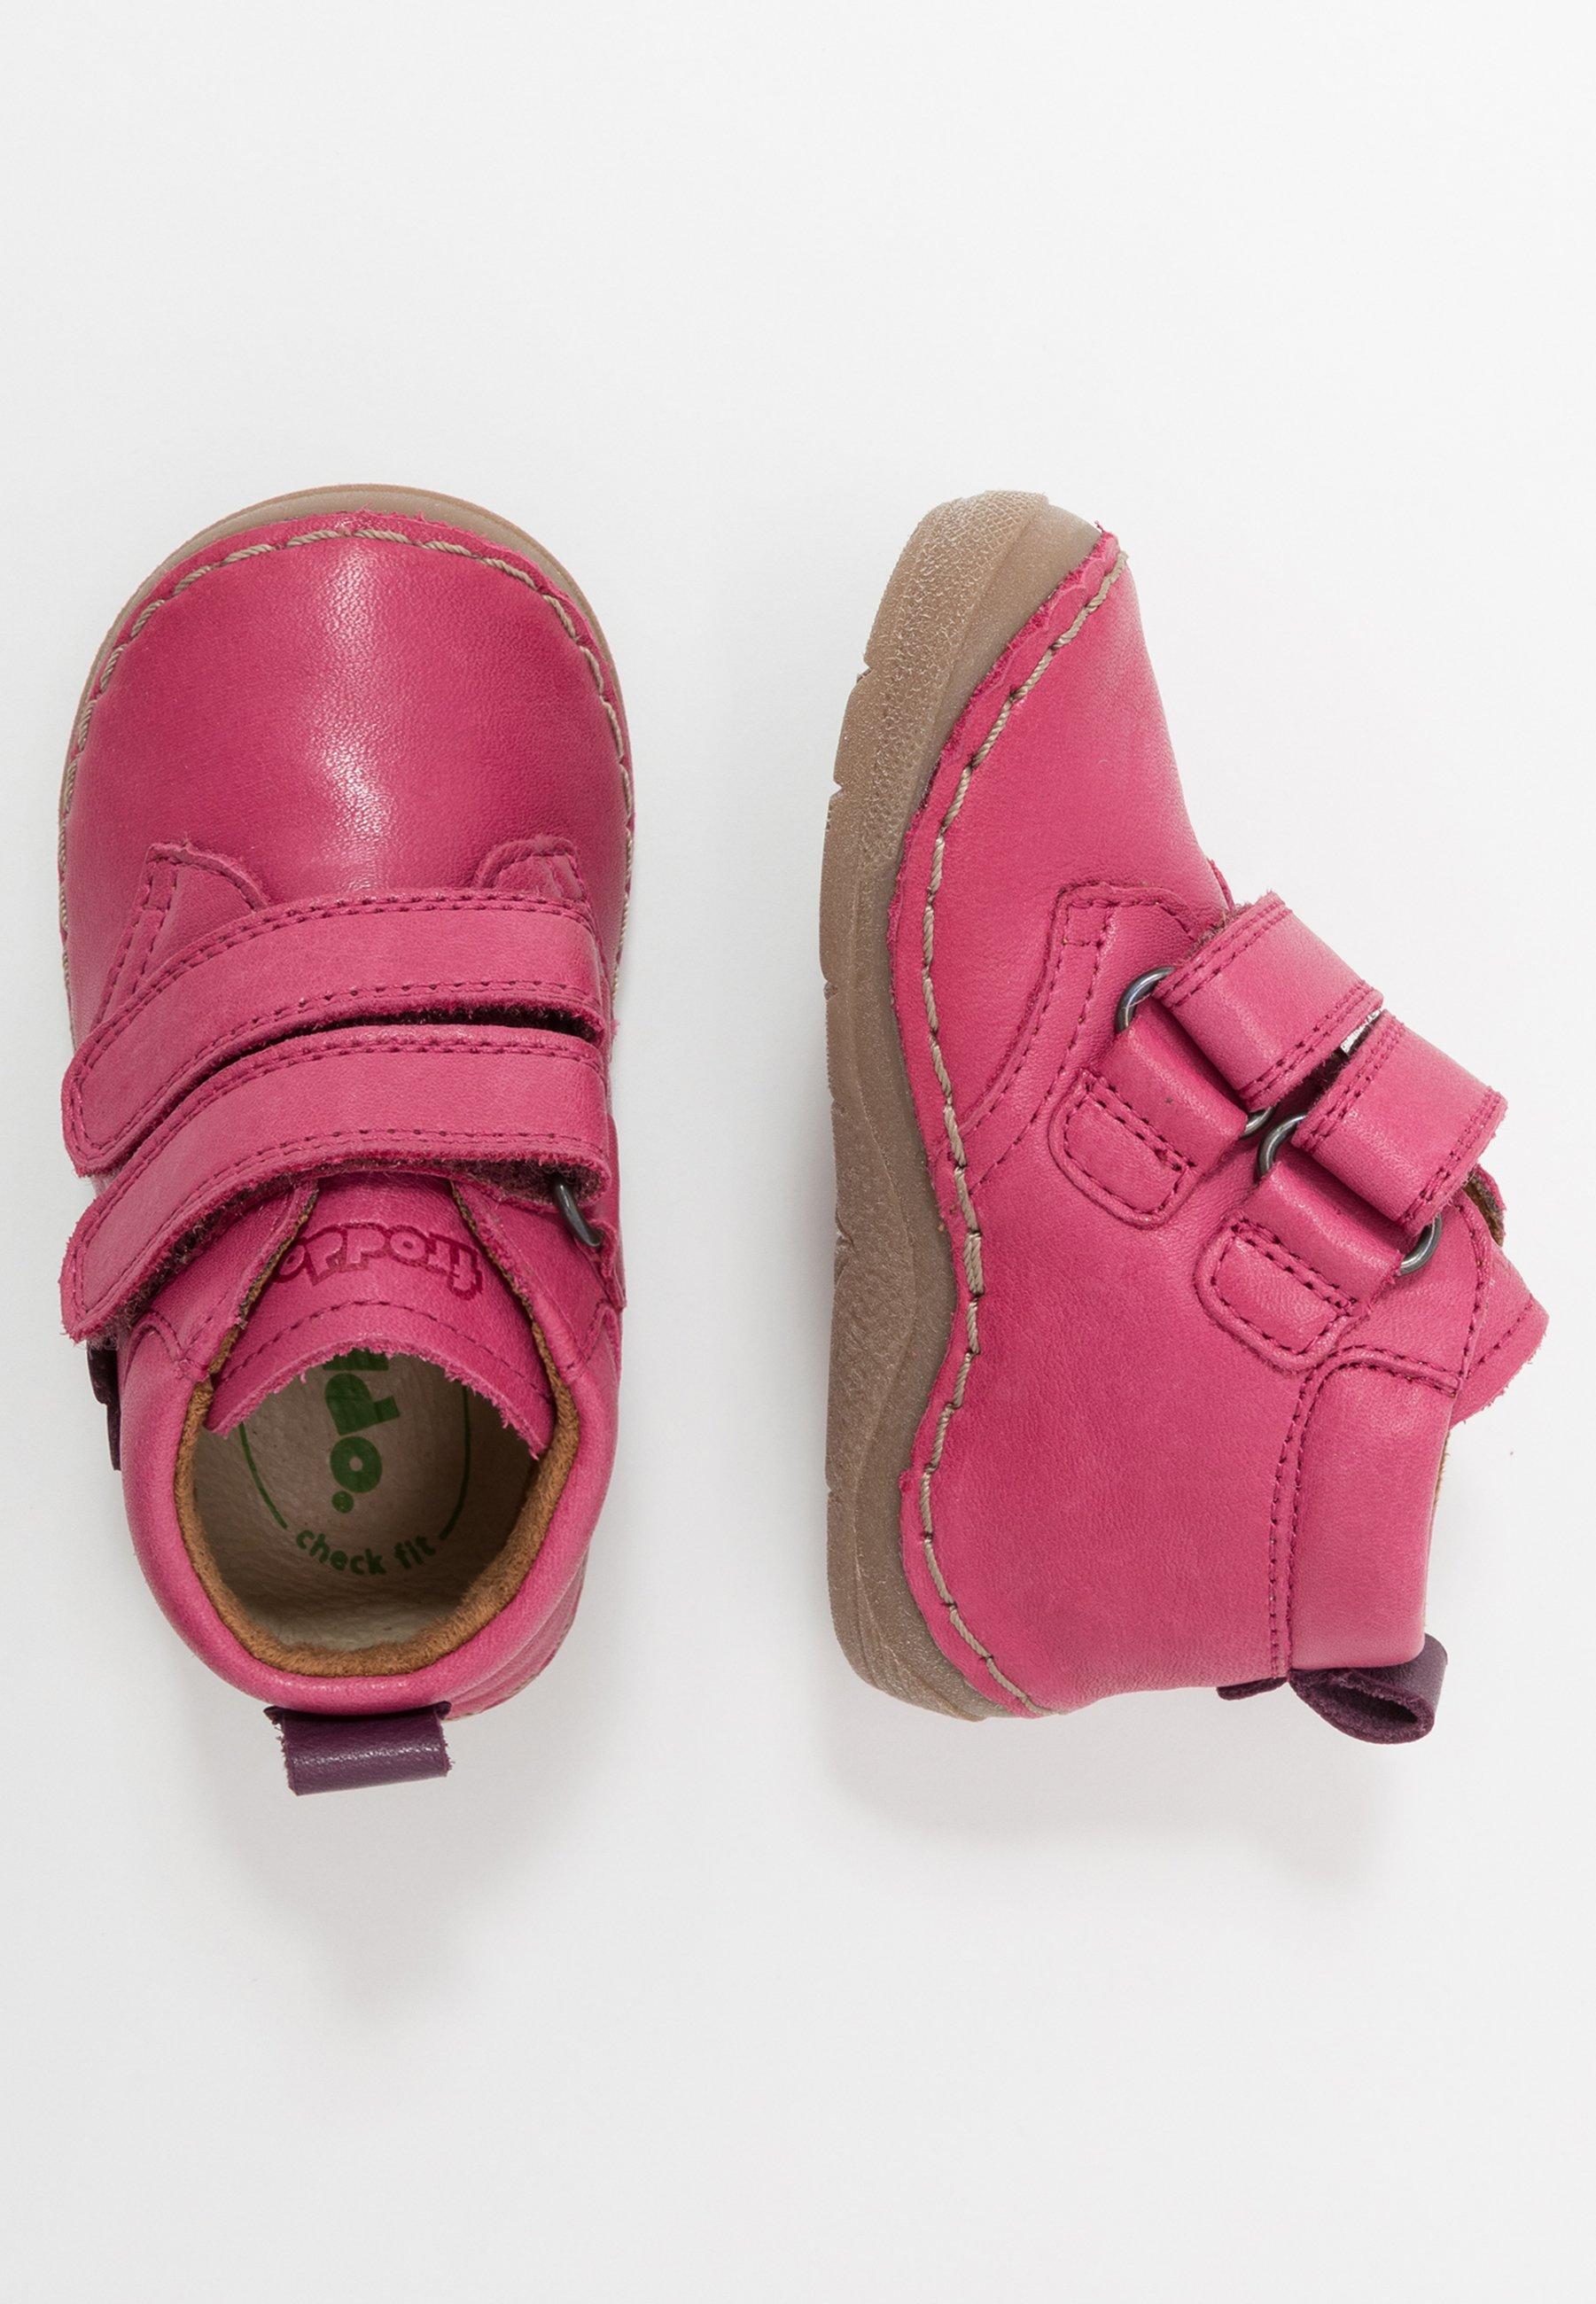 Vauvan kesäkenkiä sandaaleja koot 19 20.5,